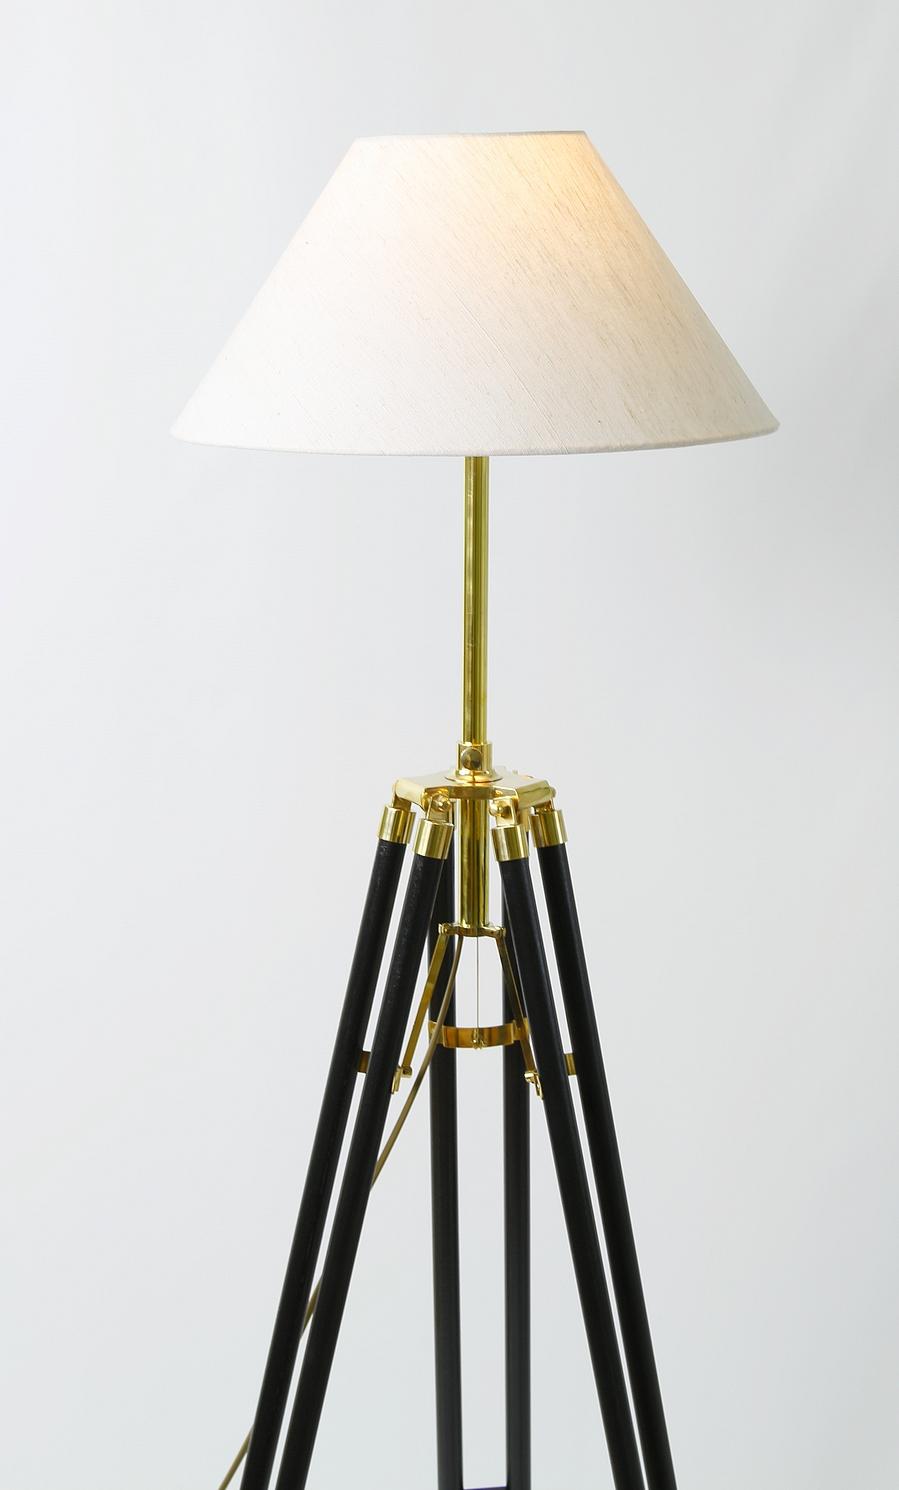 stehlampe kolonialstil in wenge dreibein stativ holz. Black Bedroom Furniture Sets. Home Design Ideas